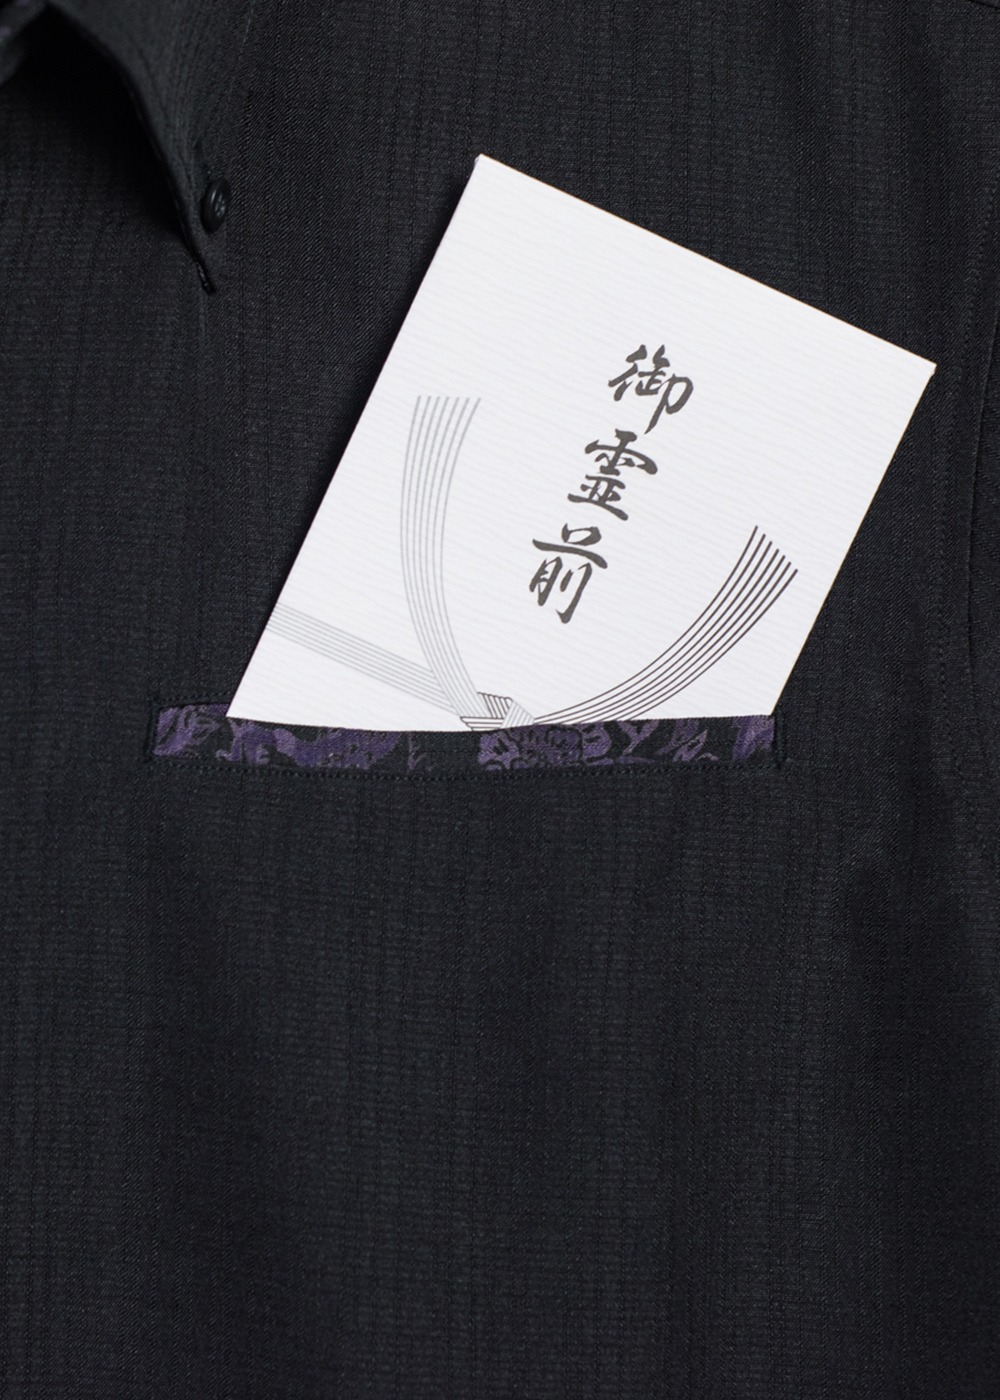 かりゆしウェア(沖縄版アロハシャツ) MAJUN - 黒輝鳳凰(スリムBD)